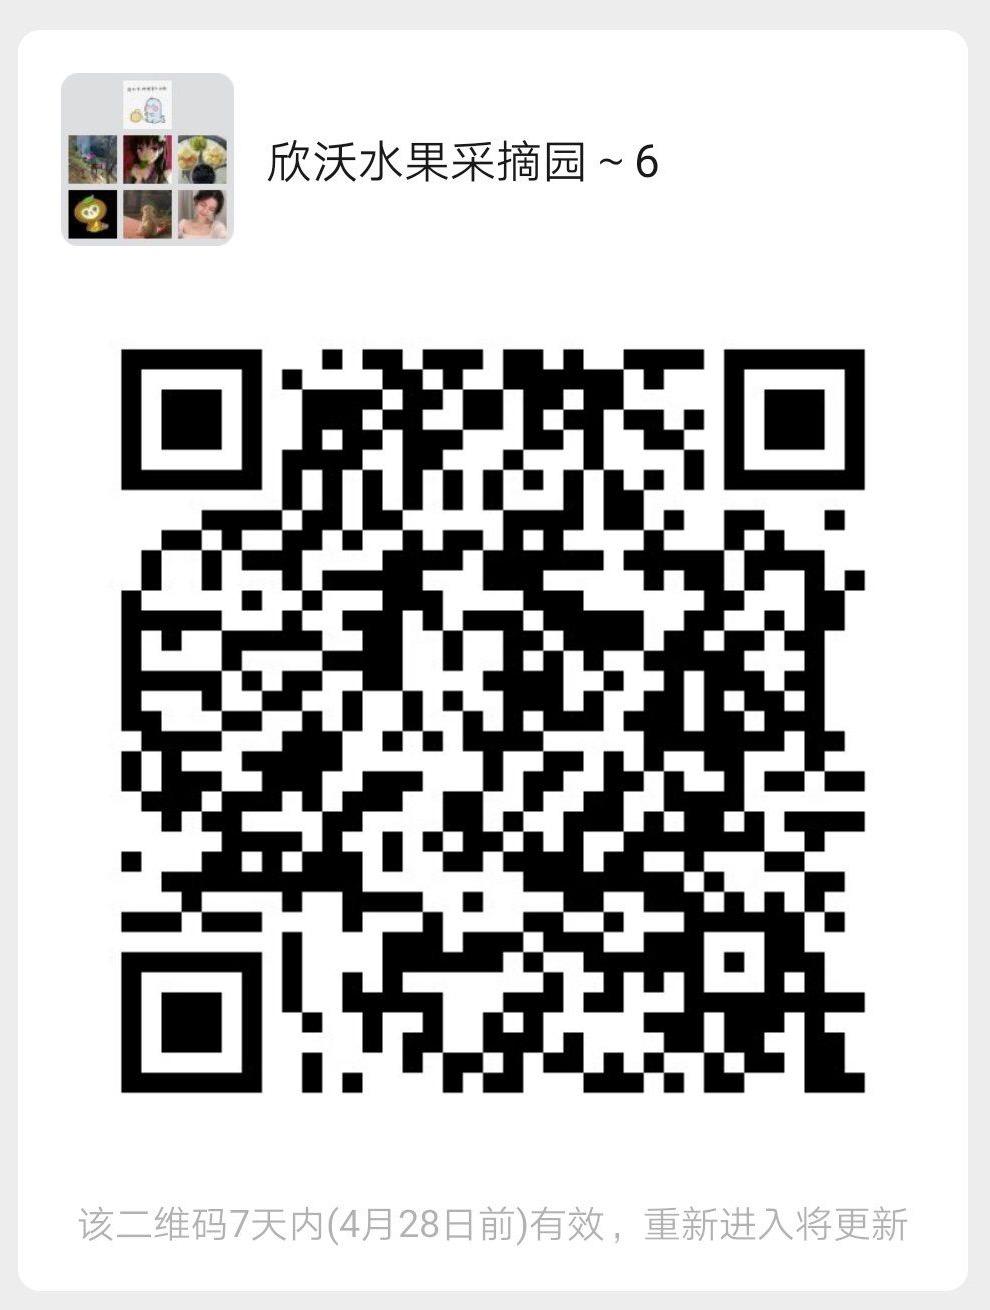 微信图片_20200421110653.jpg